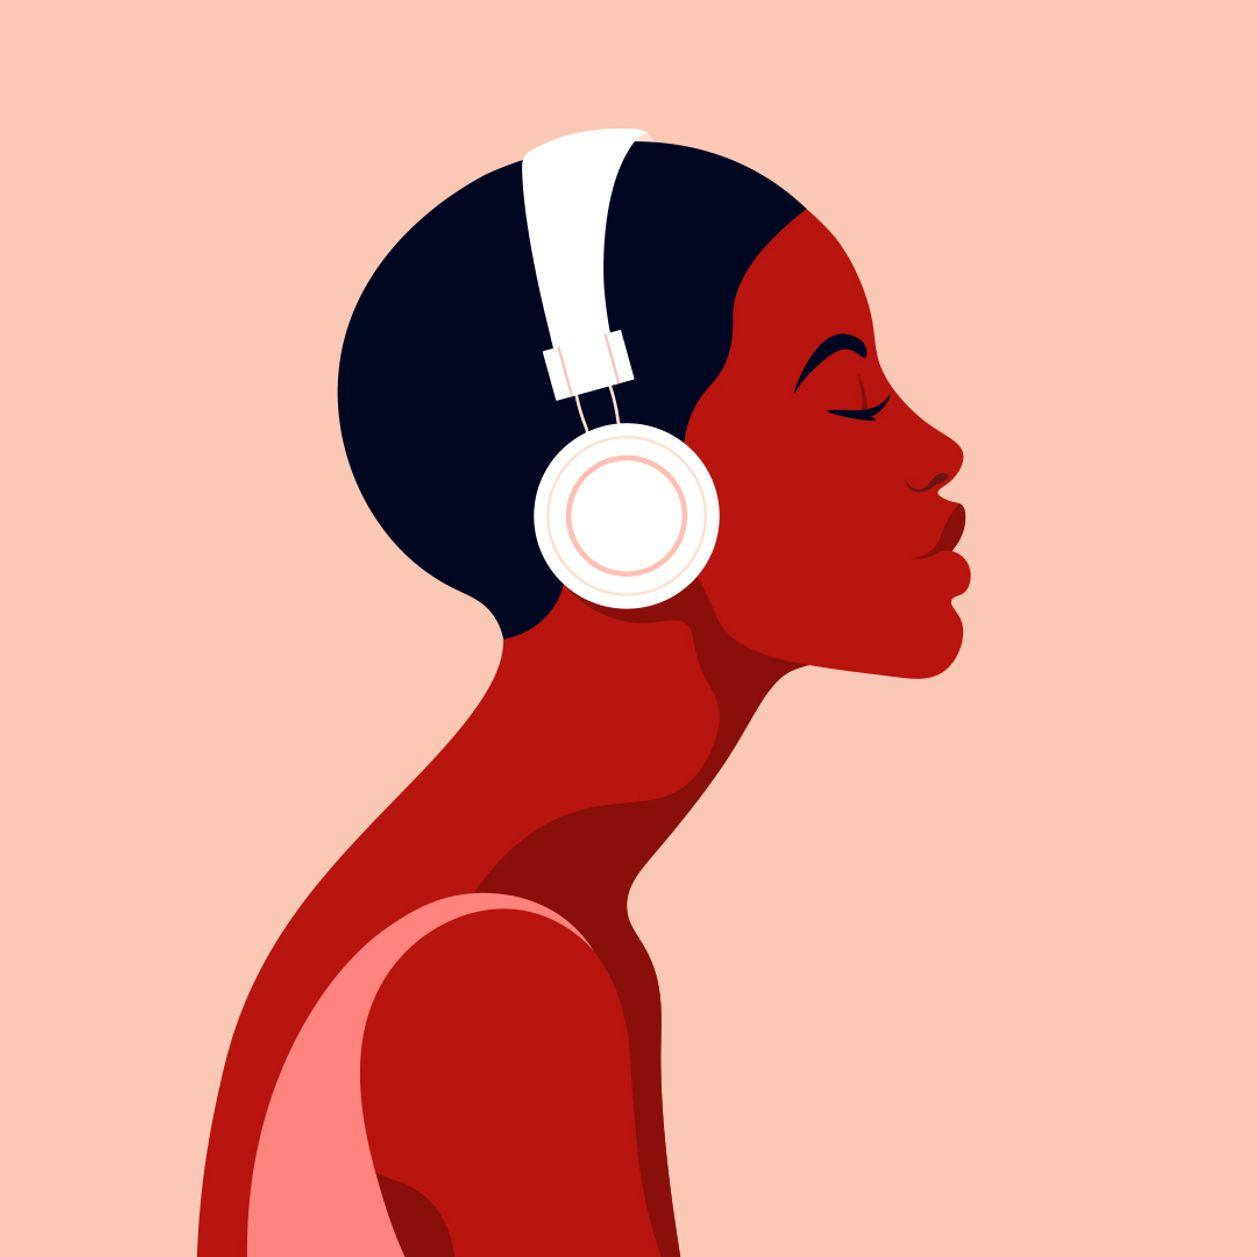 Plaisir solitaire : 5 podcasts très hot pour s'exciter par l'ouïe TOUTFILM